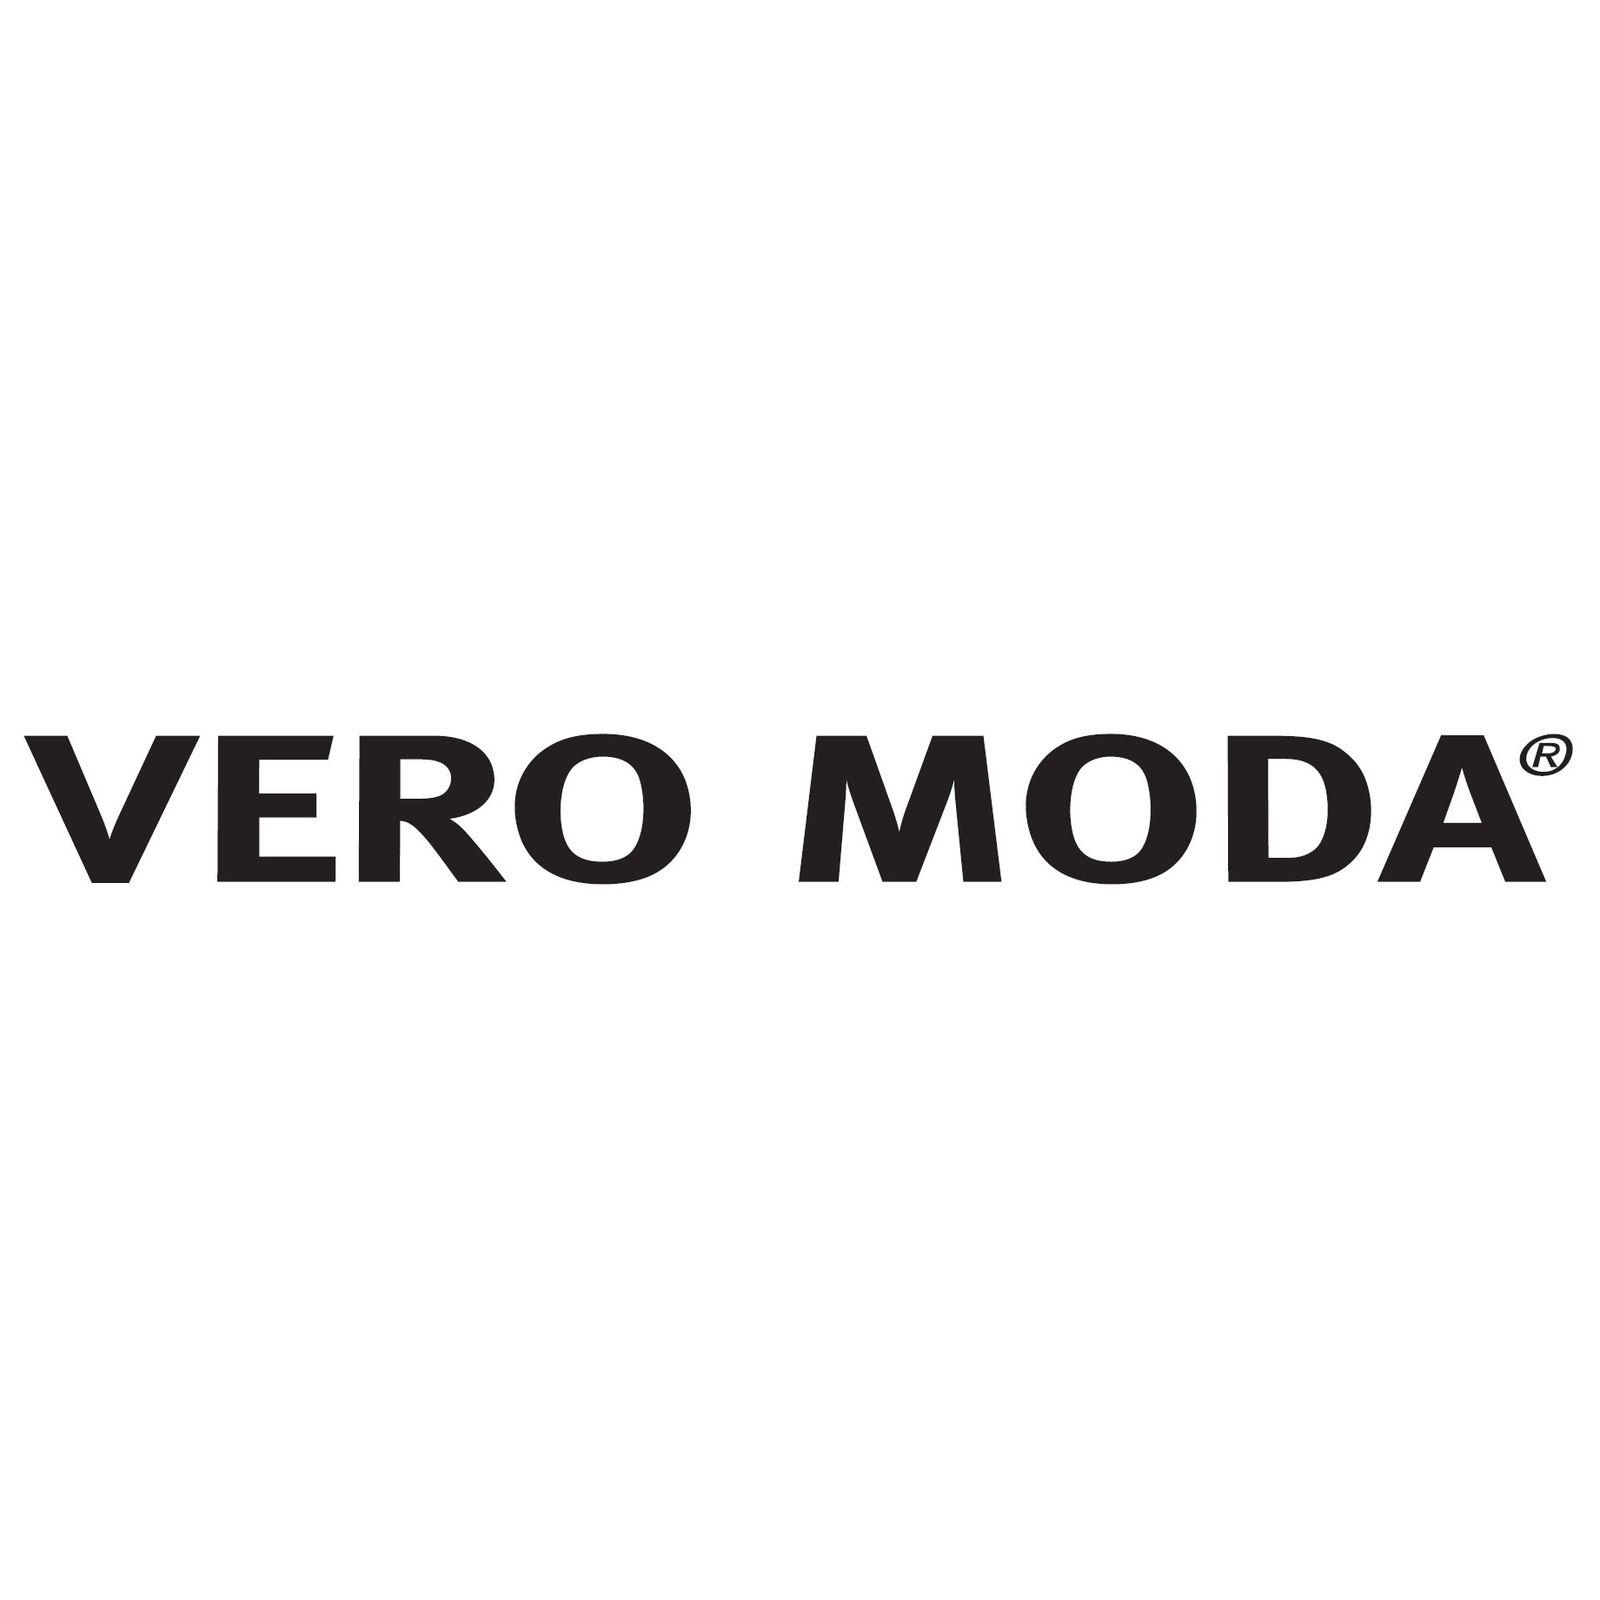 VERO MODA (Afbeelding 1)